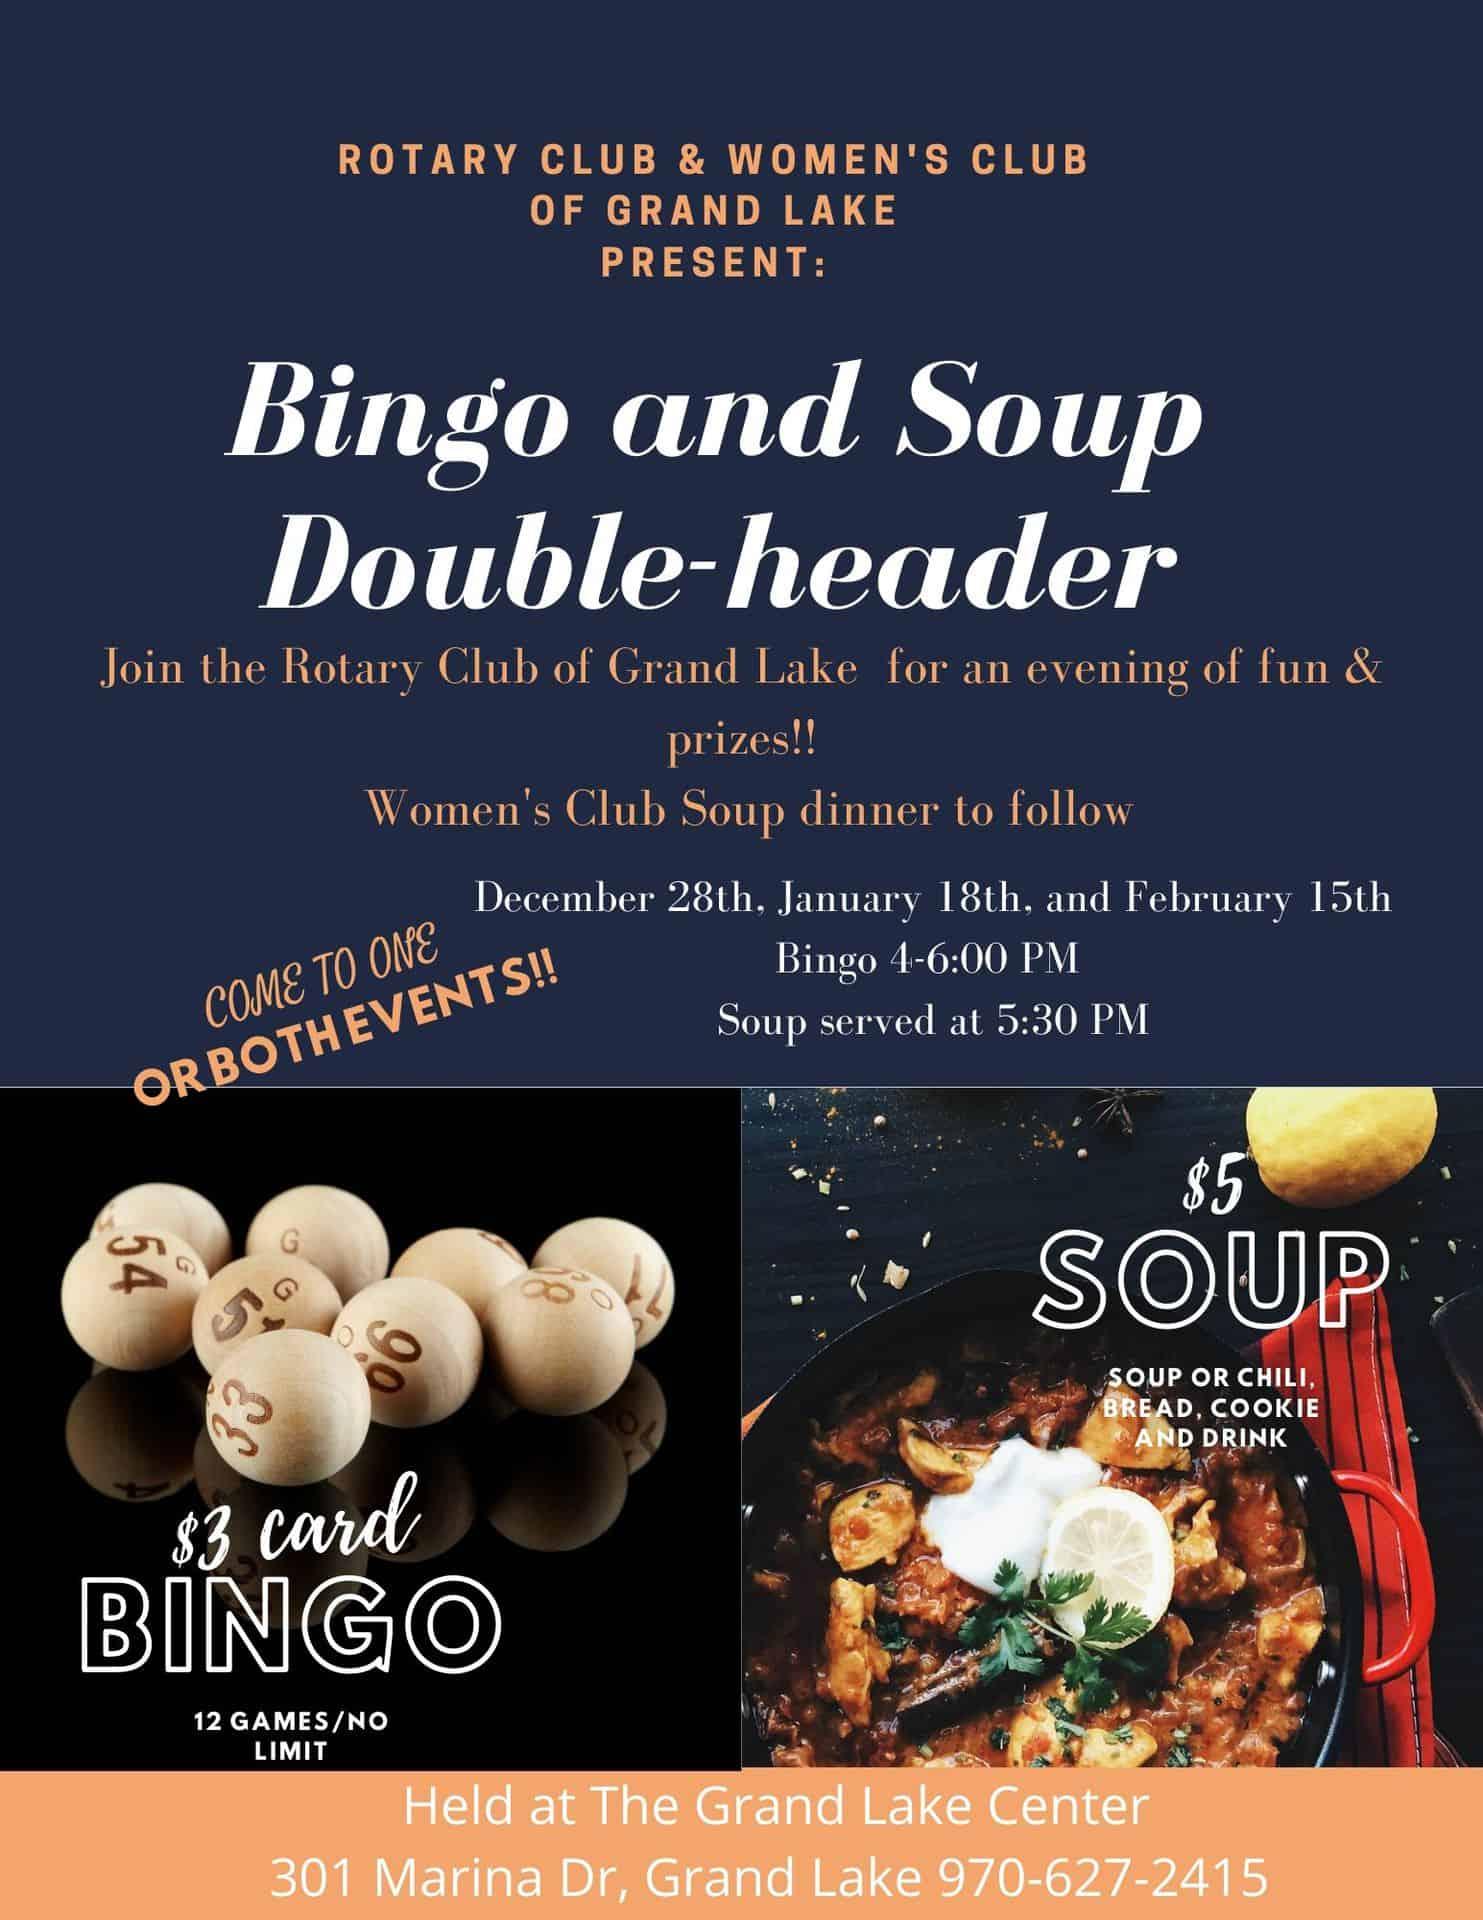 Bingo and Soup Extravaganza